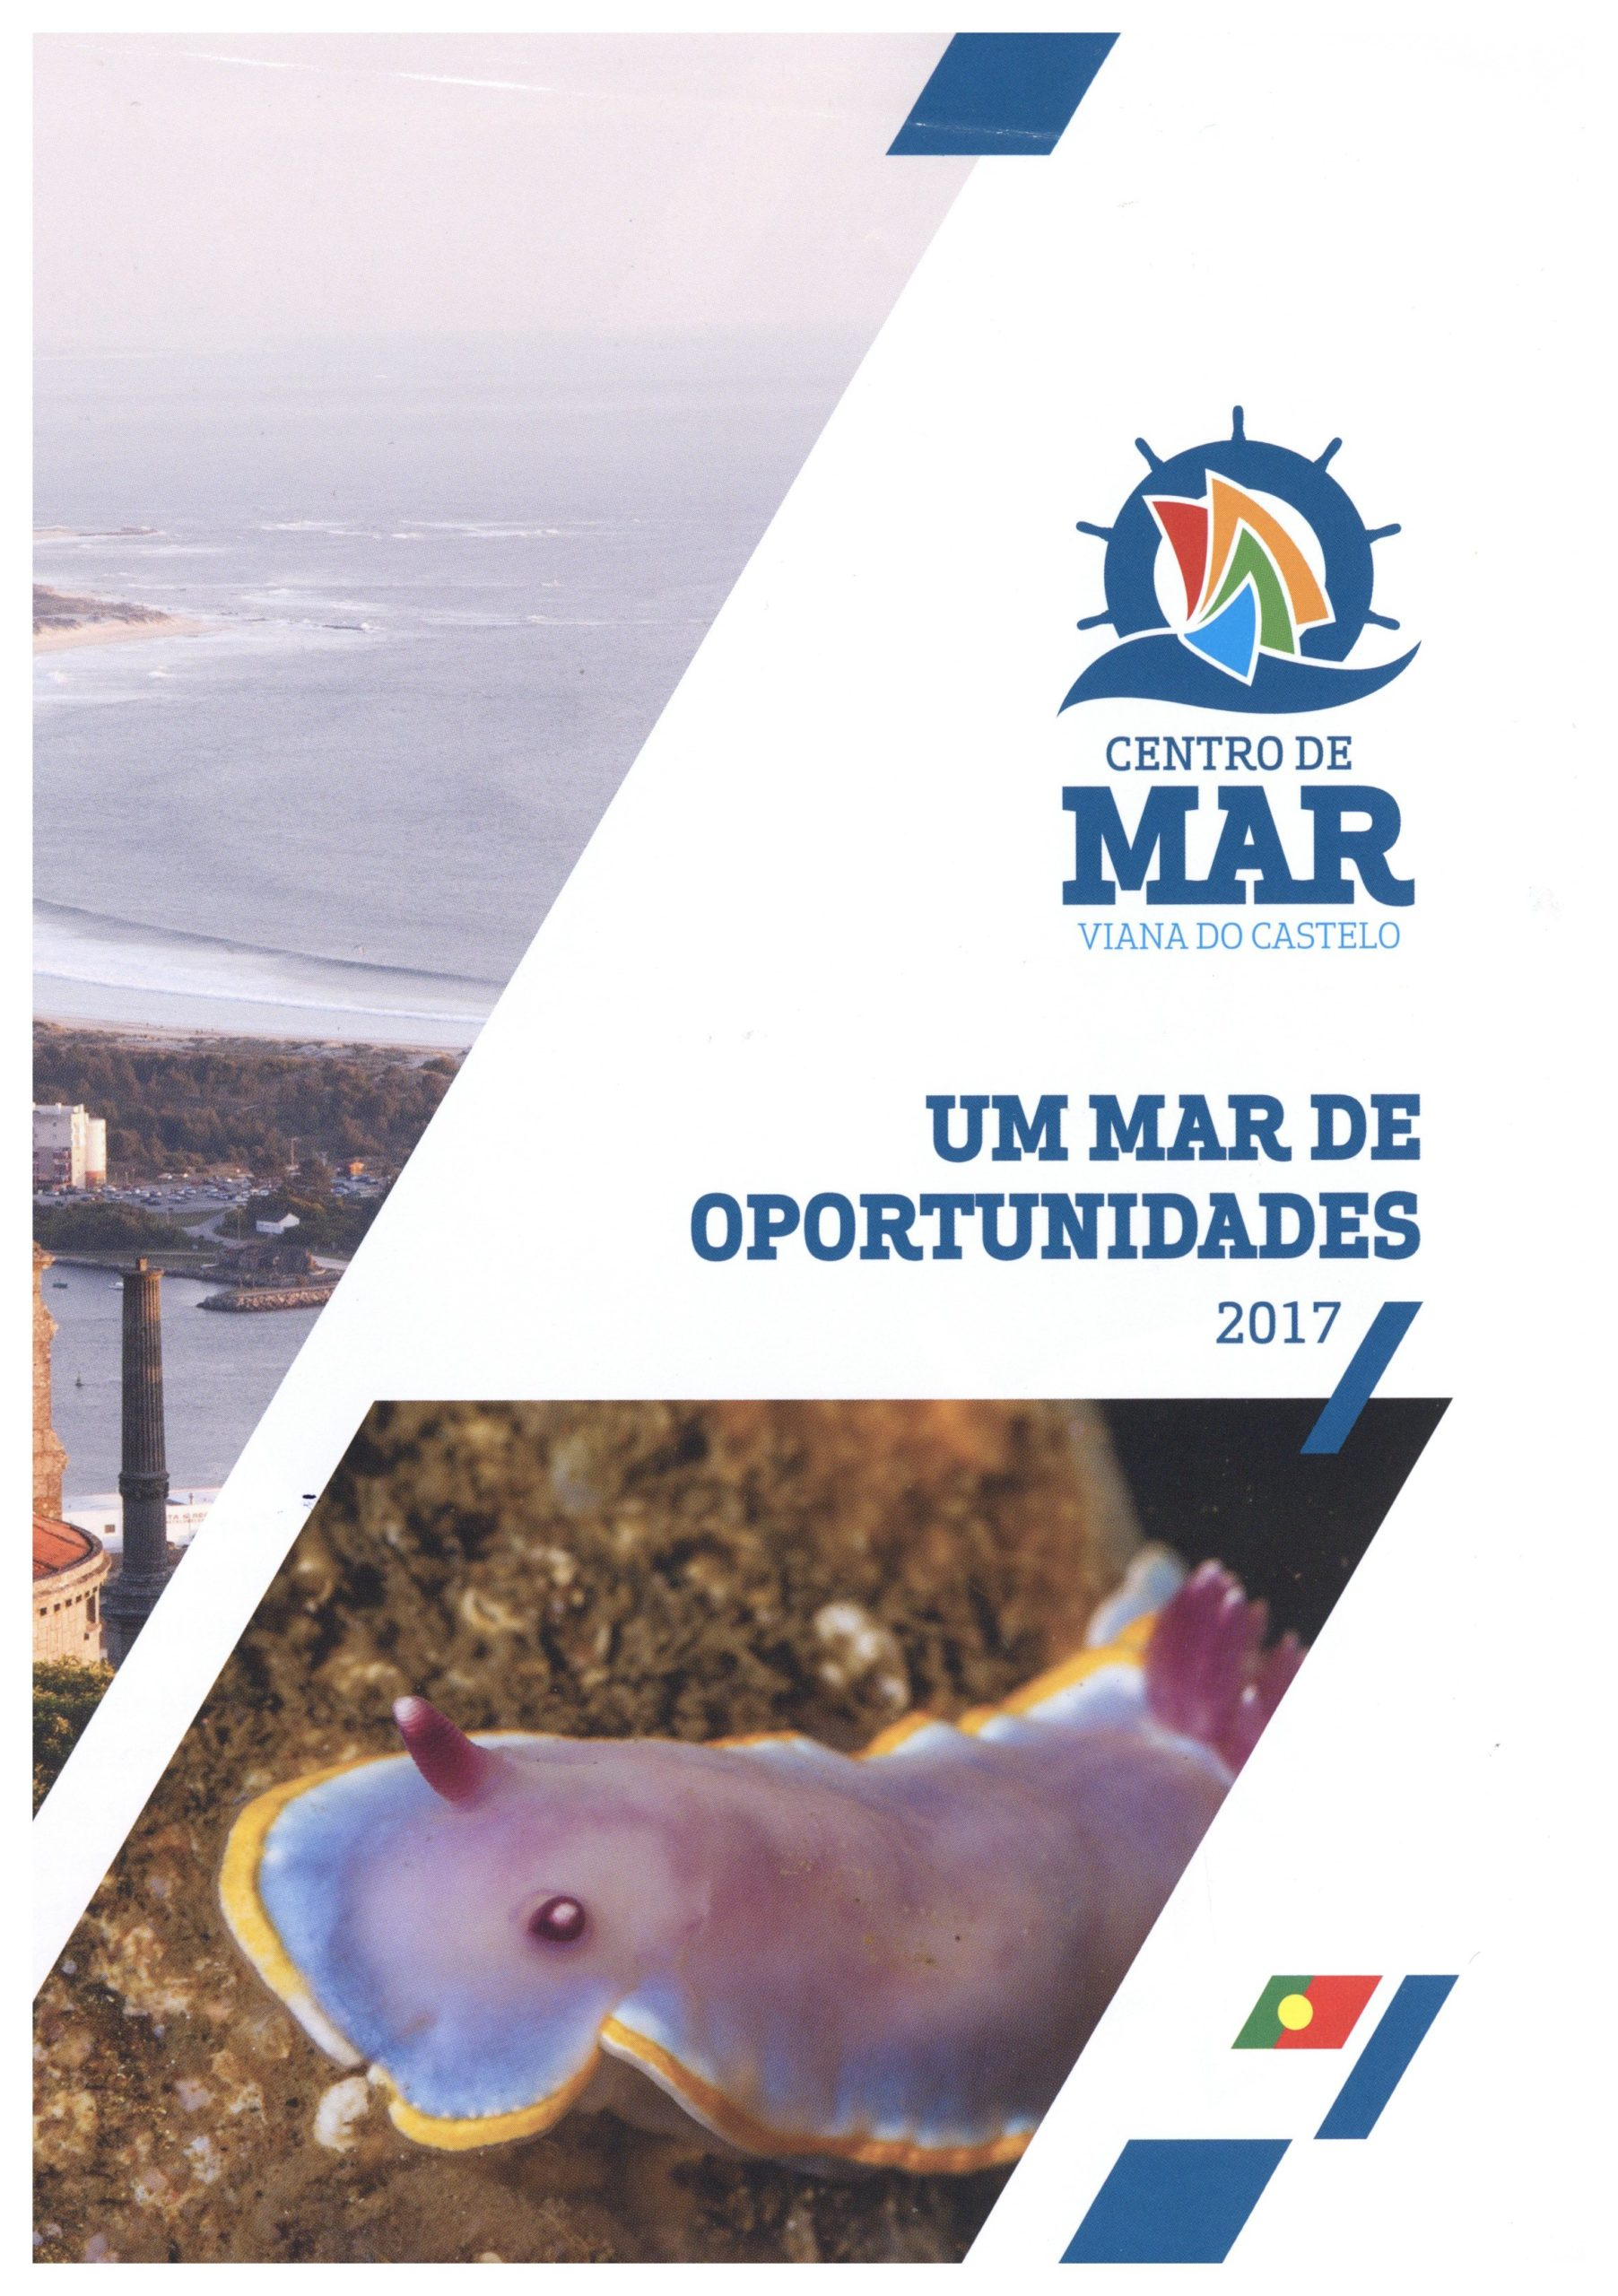 Um mar de oportunidades 2017